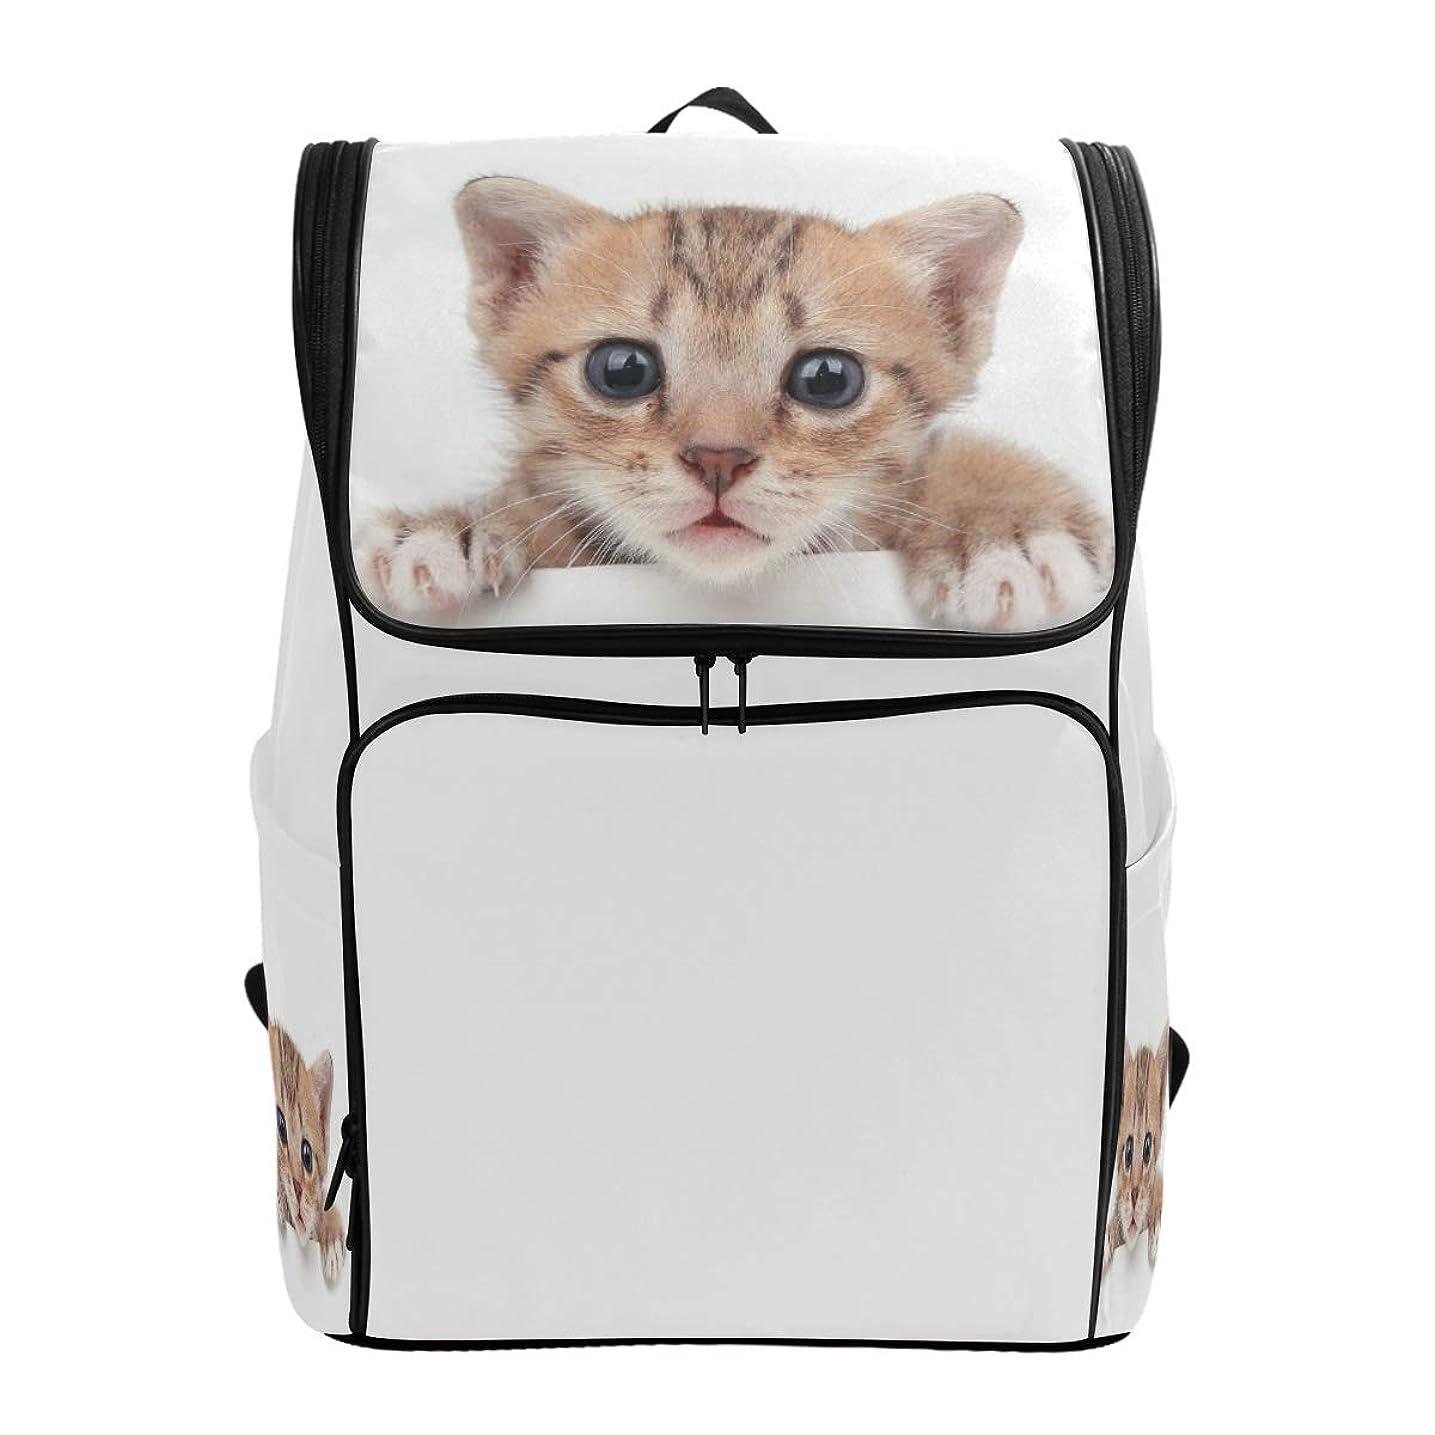 セクションつぼみ視線マキク(MAKIKU) リュックサック 大容量 軽量 猫柄 猫ちゃん リュック メンズ 登山 通学 通勤 旅行 プレゼント対応